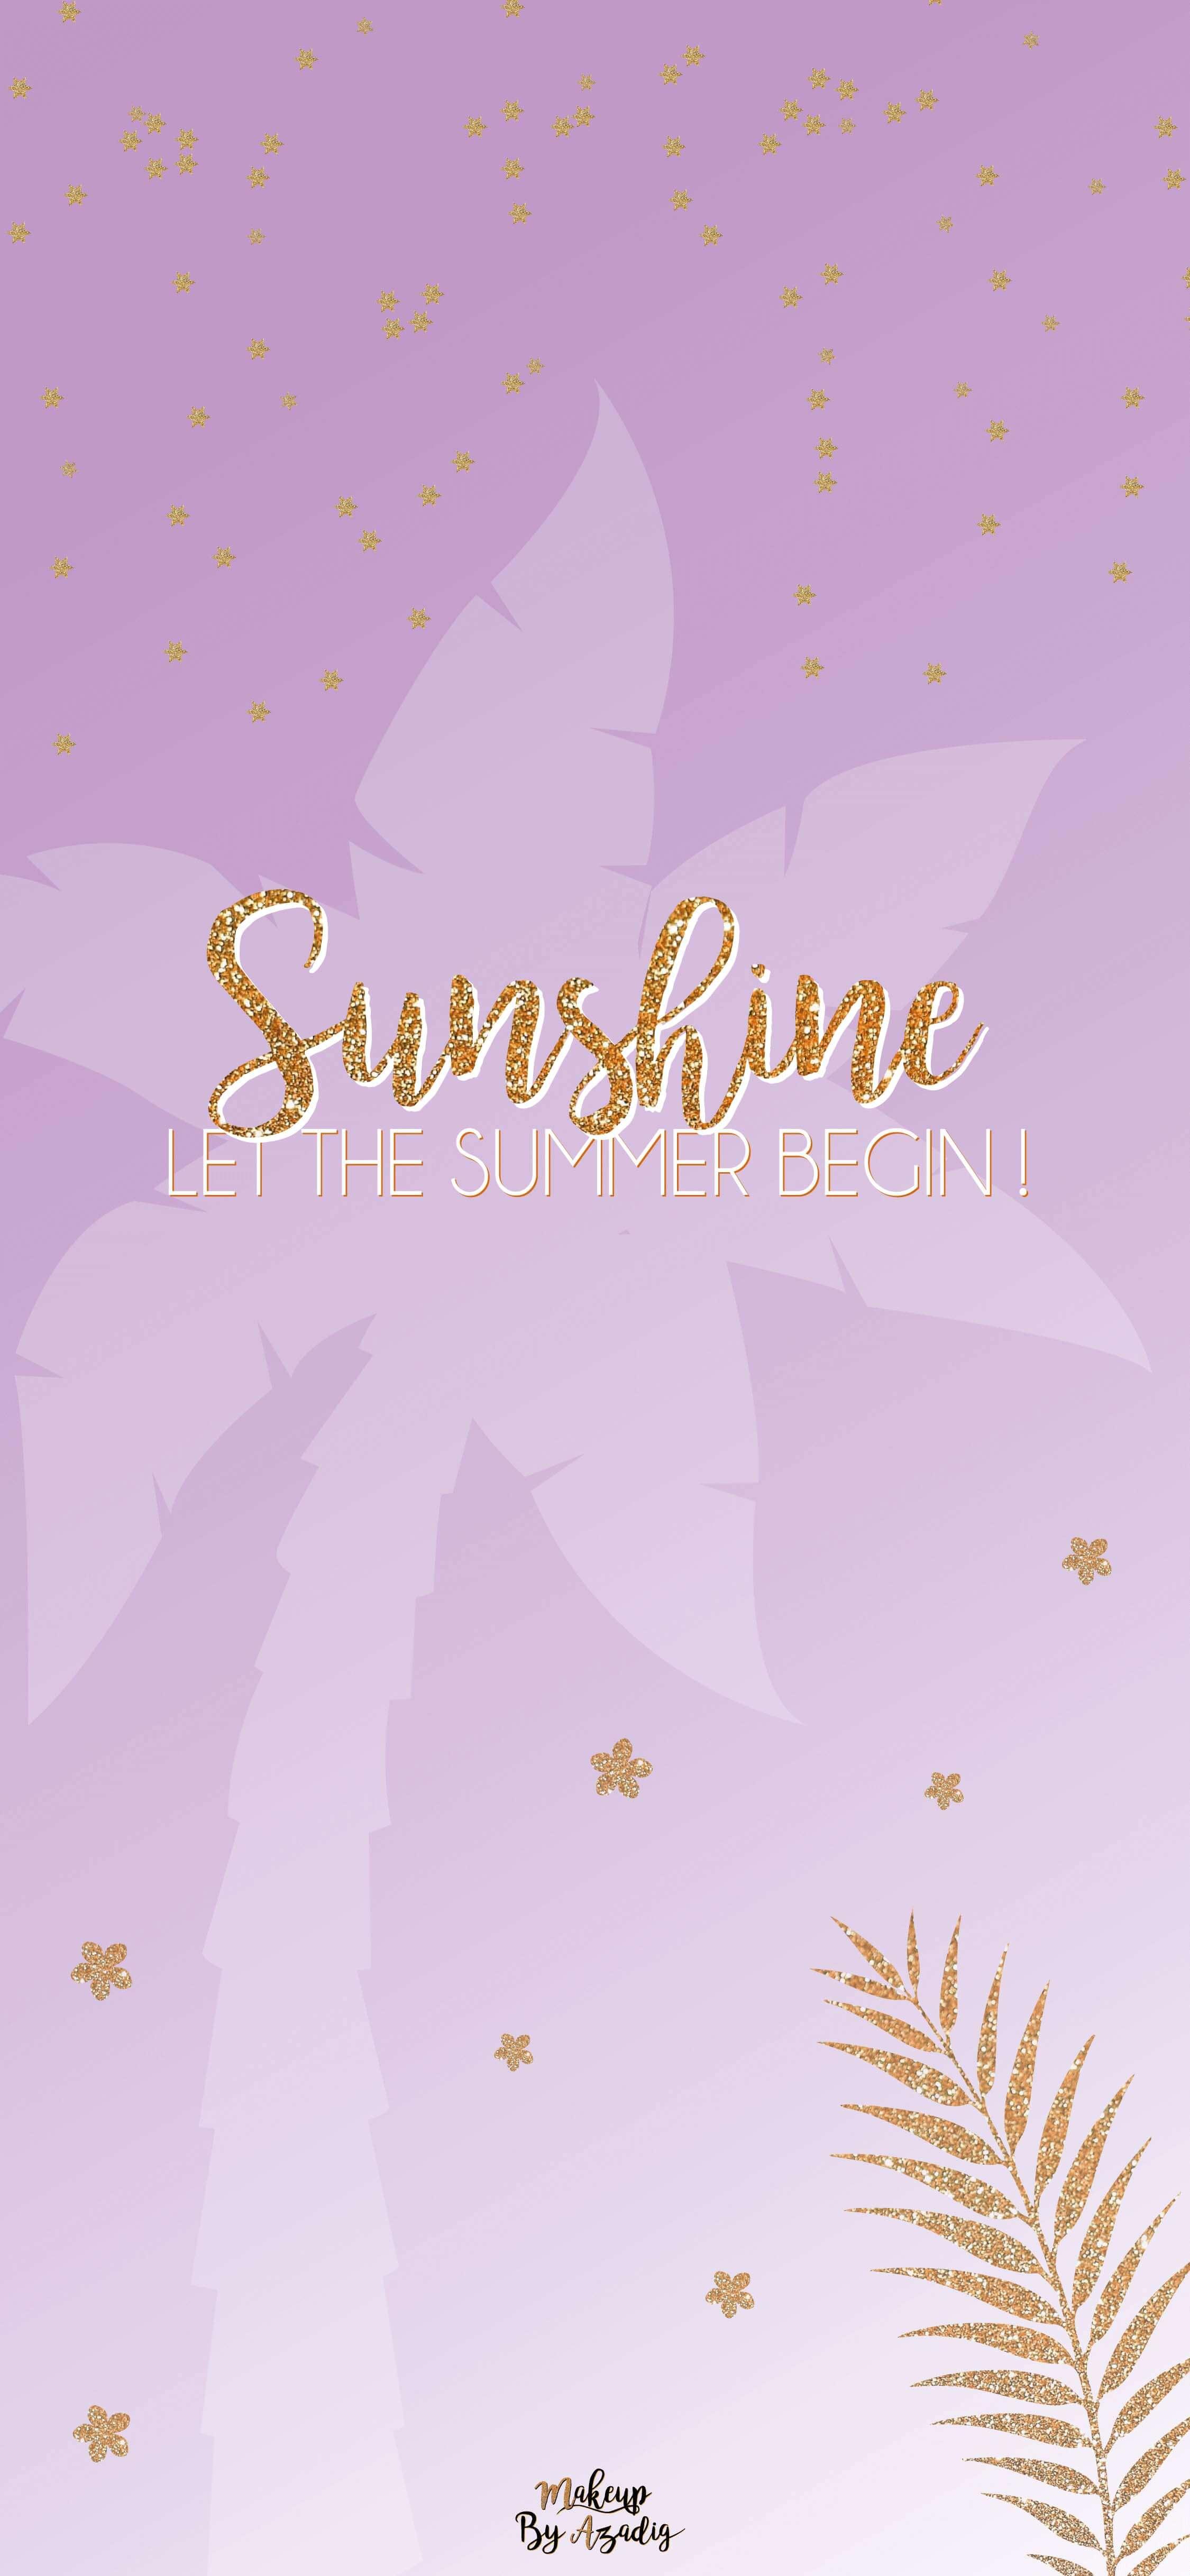 fond-decran-wallpaper-summer-begin-glitter-spring-girly-iphone-X-makeupbyazadig-tendance